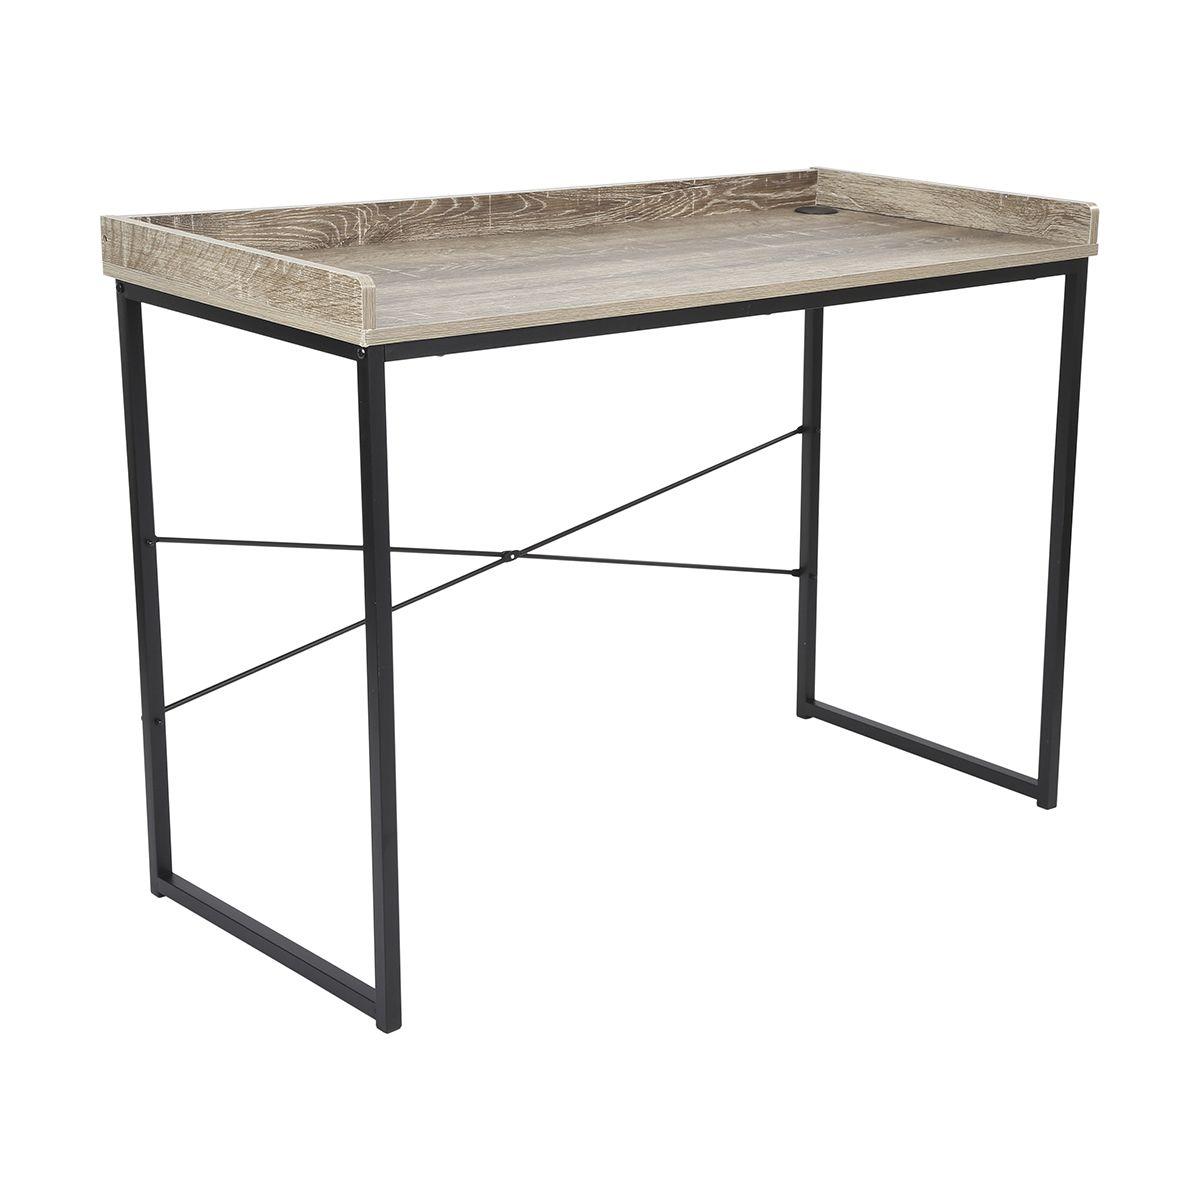 Industrial Desk Kmartnz Budget Furniture Industrial Decor Home Decor